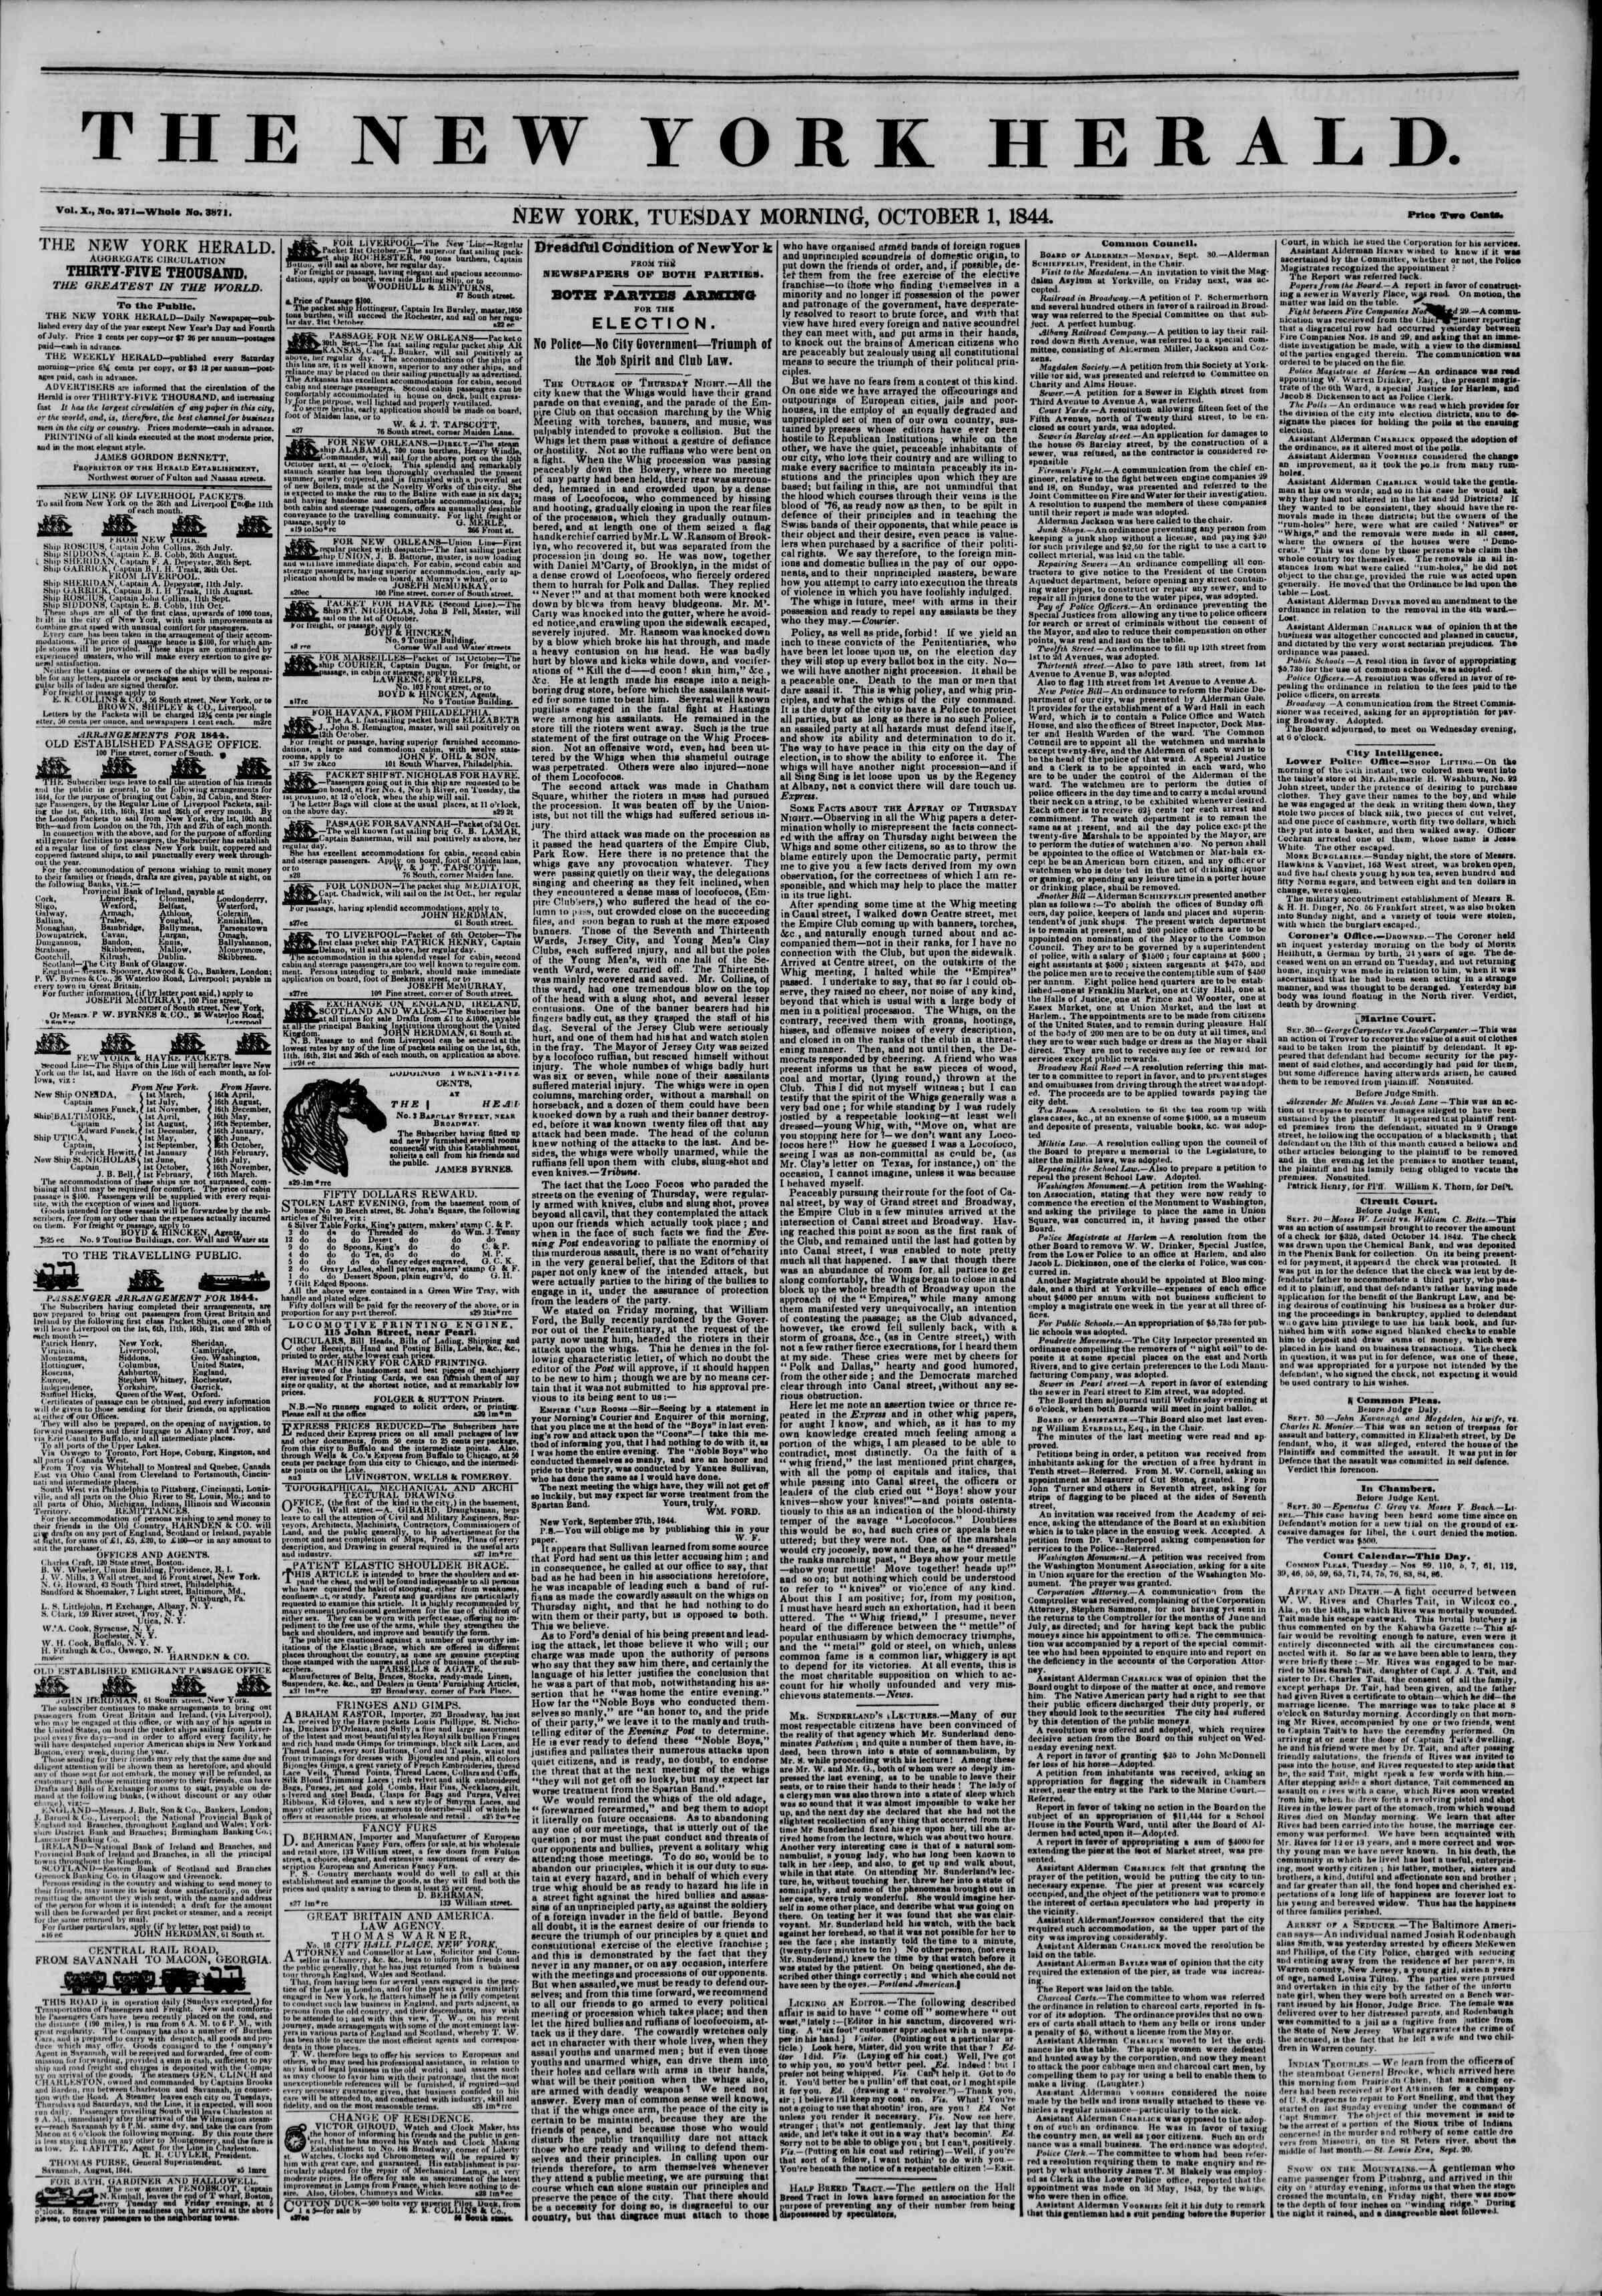 October 1, 1844 Tarihli The New York Herald Gazetesi Sayfa 1